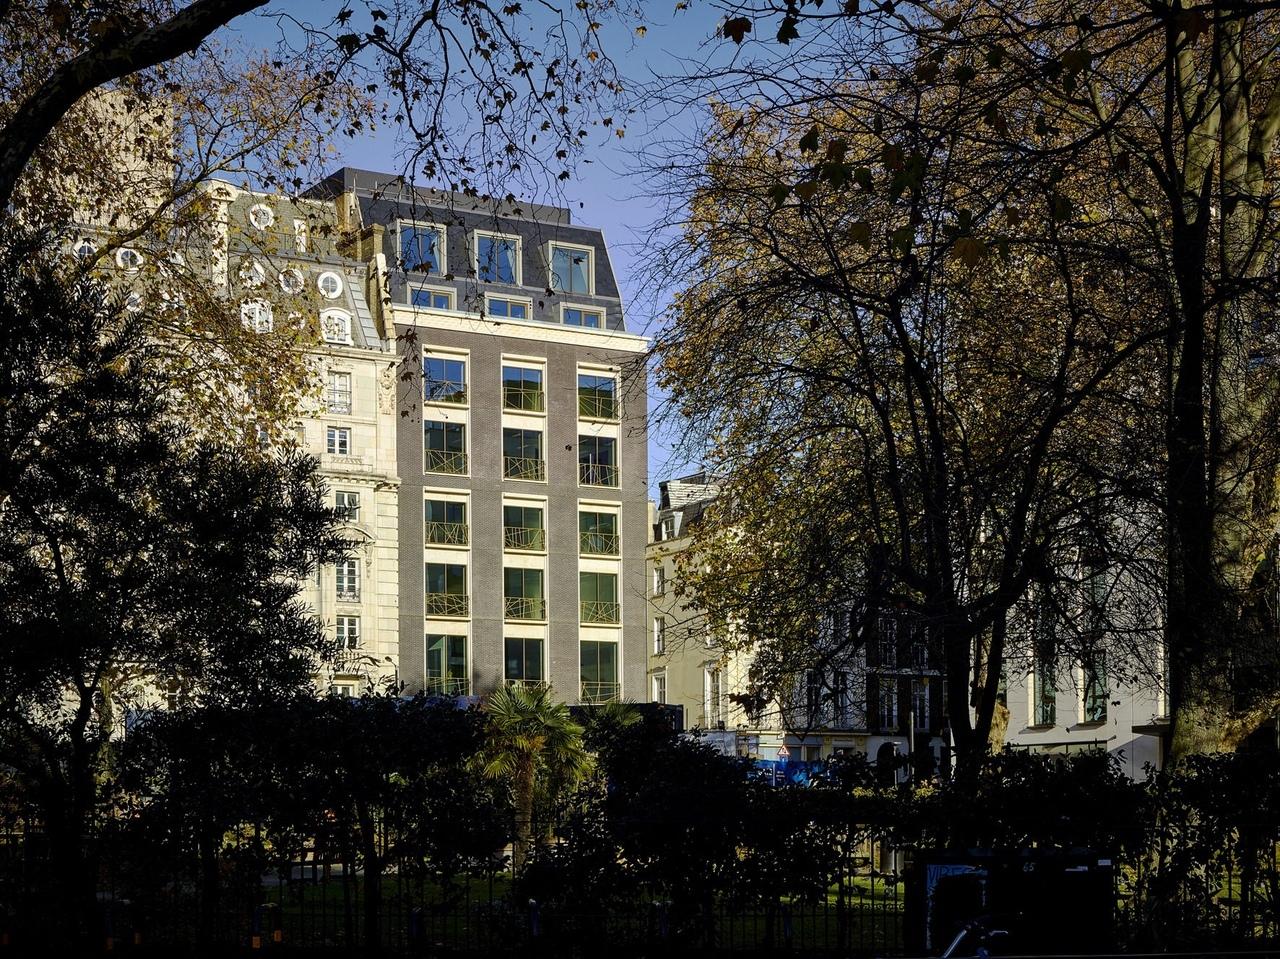 Hanover Square / Oxford Street